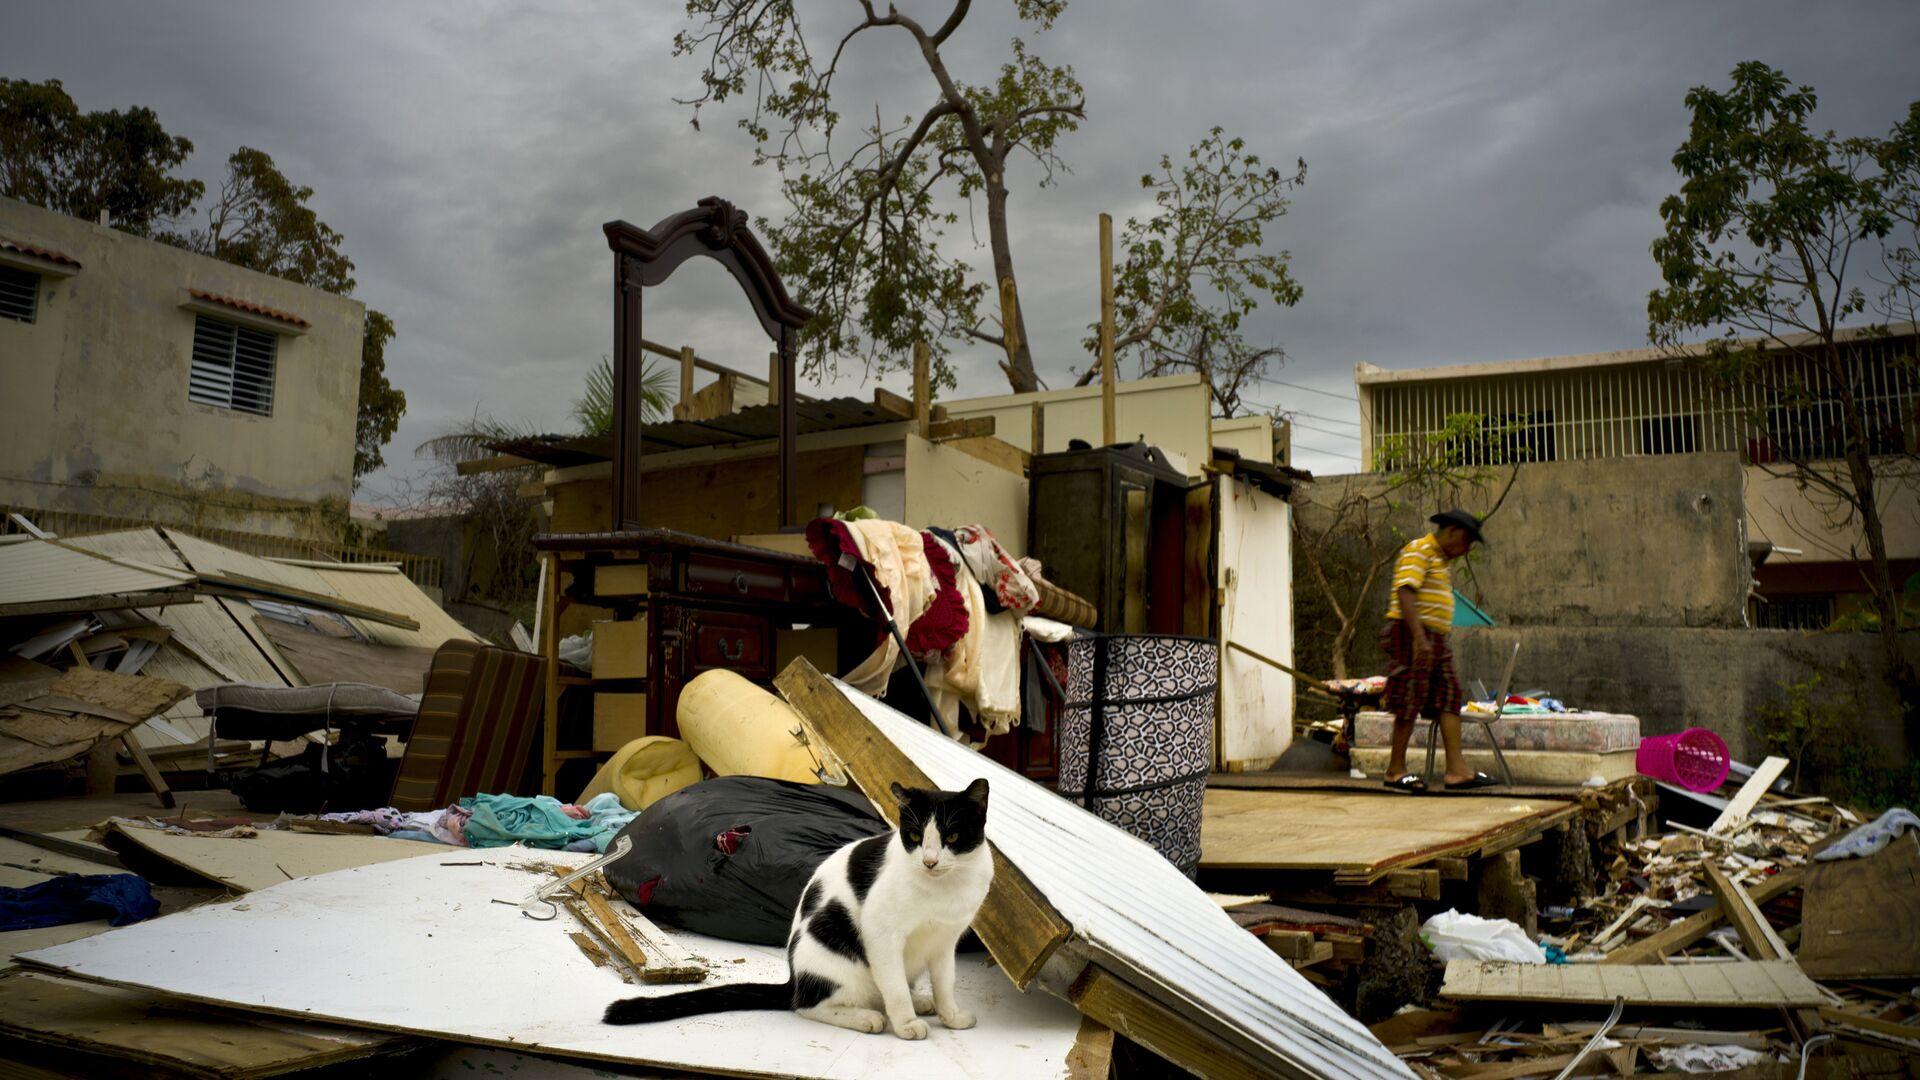 Последствия урагана Мария в Сан-Хуане, Пуэрто-Рико - РИА Новости, 1920, 13.07.2020